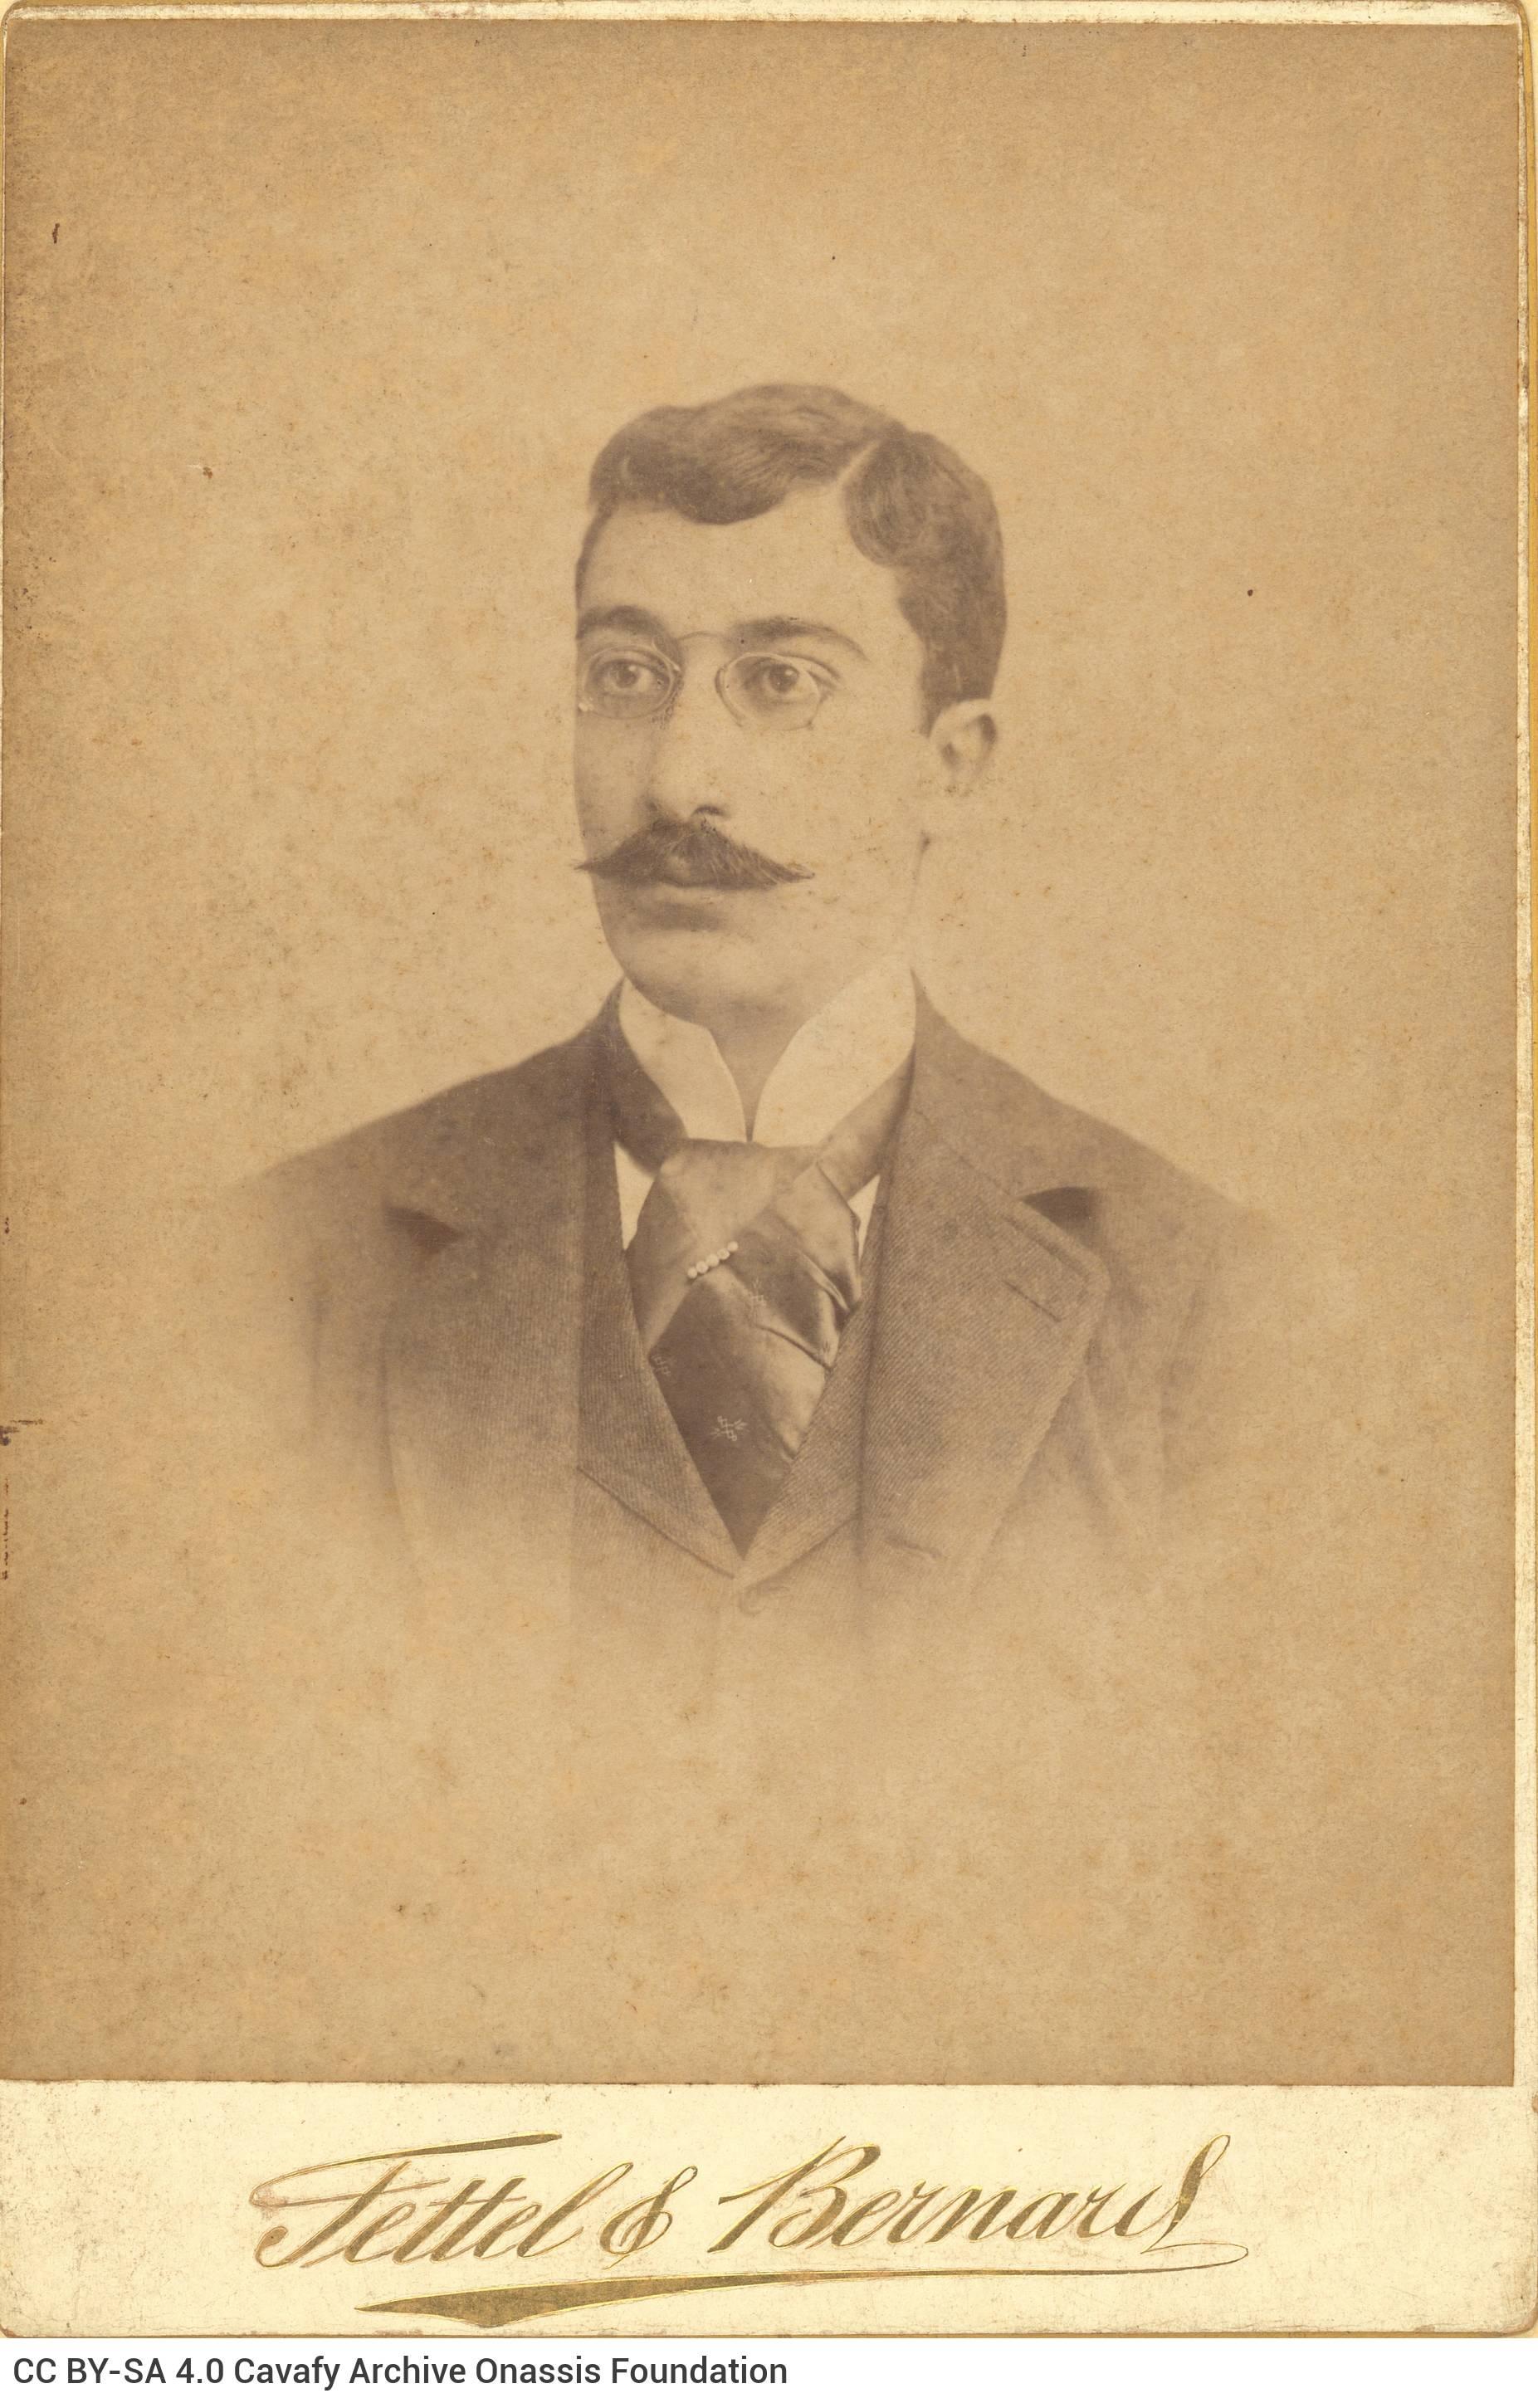 Αχρονολόγητο φωτογραφικό πορτρέτο του Καβάφη από το εργαστήριο των